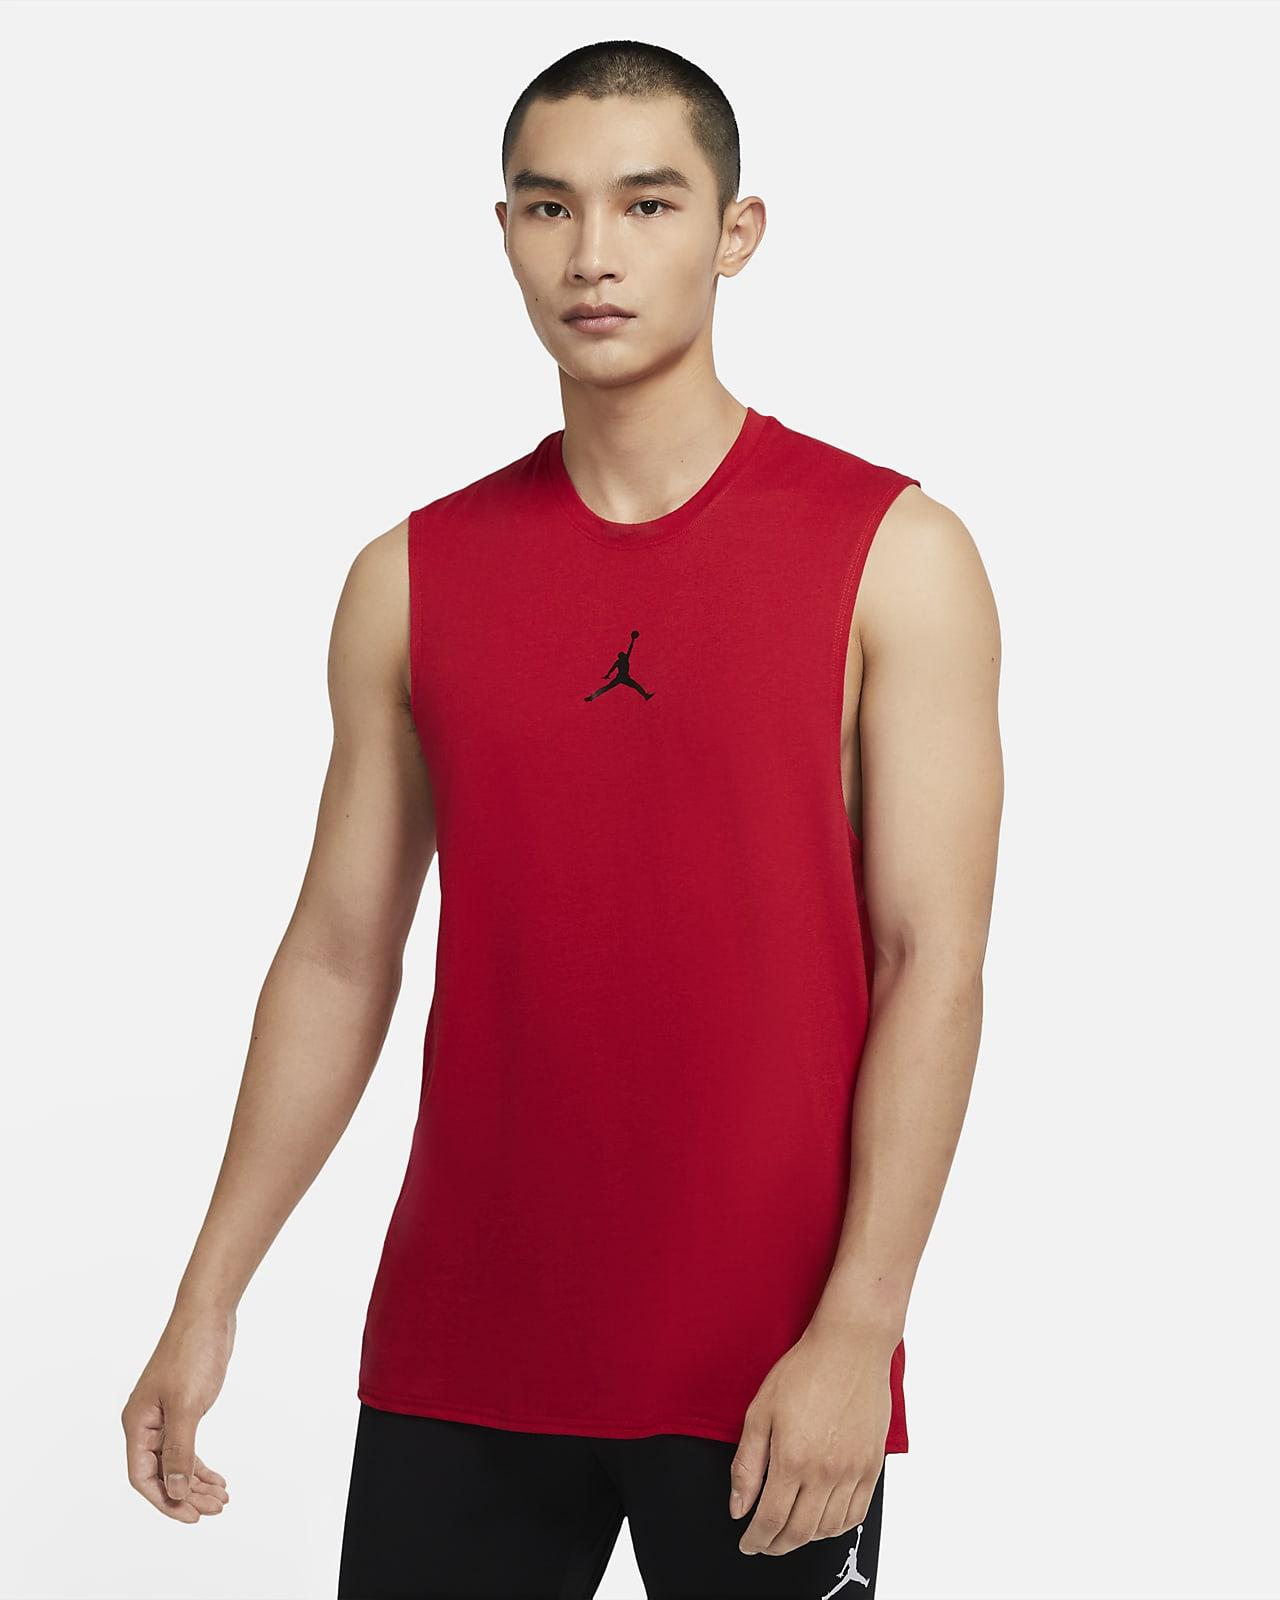 Jordan Air Men's Sleeveless Training Top